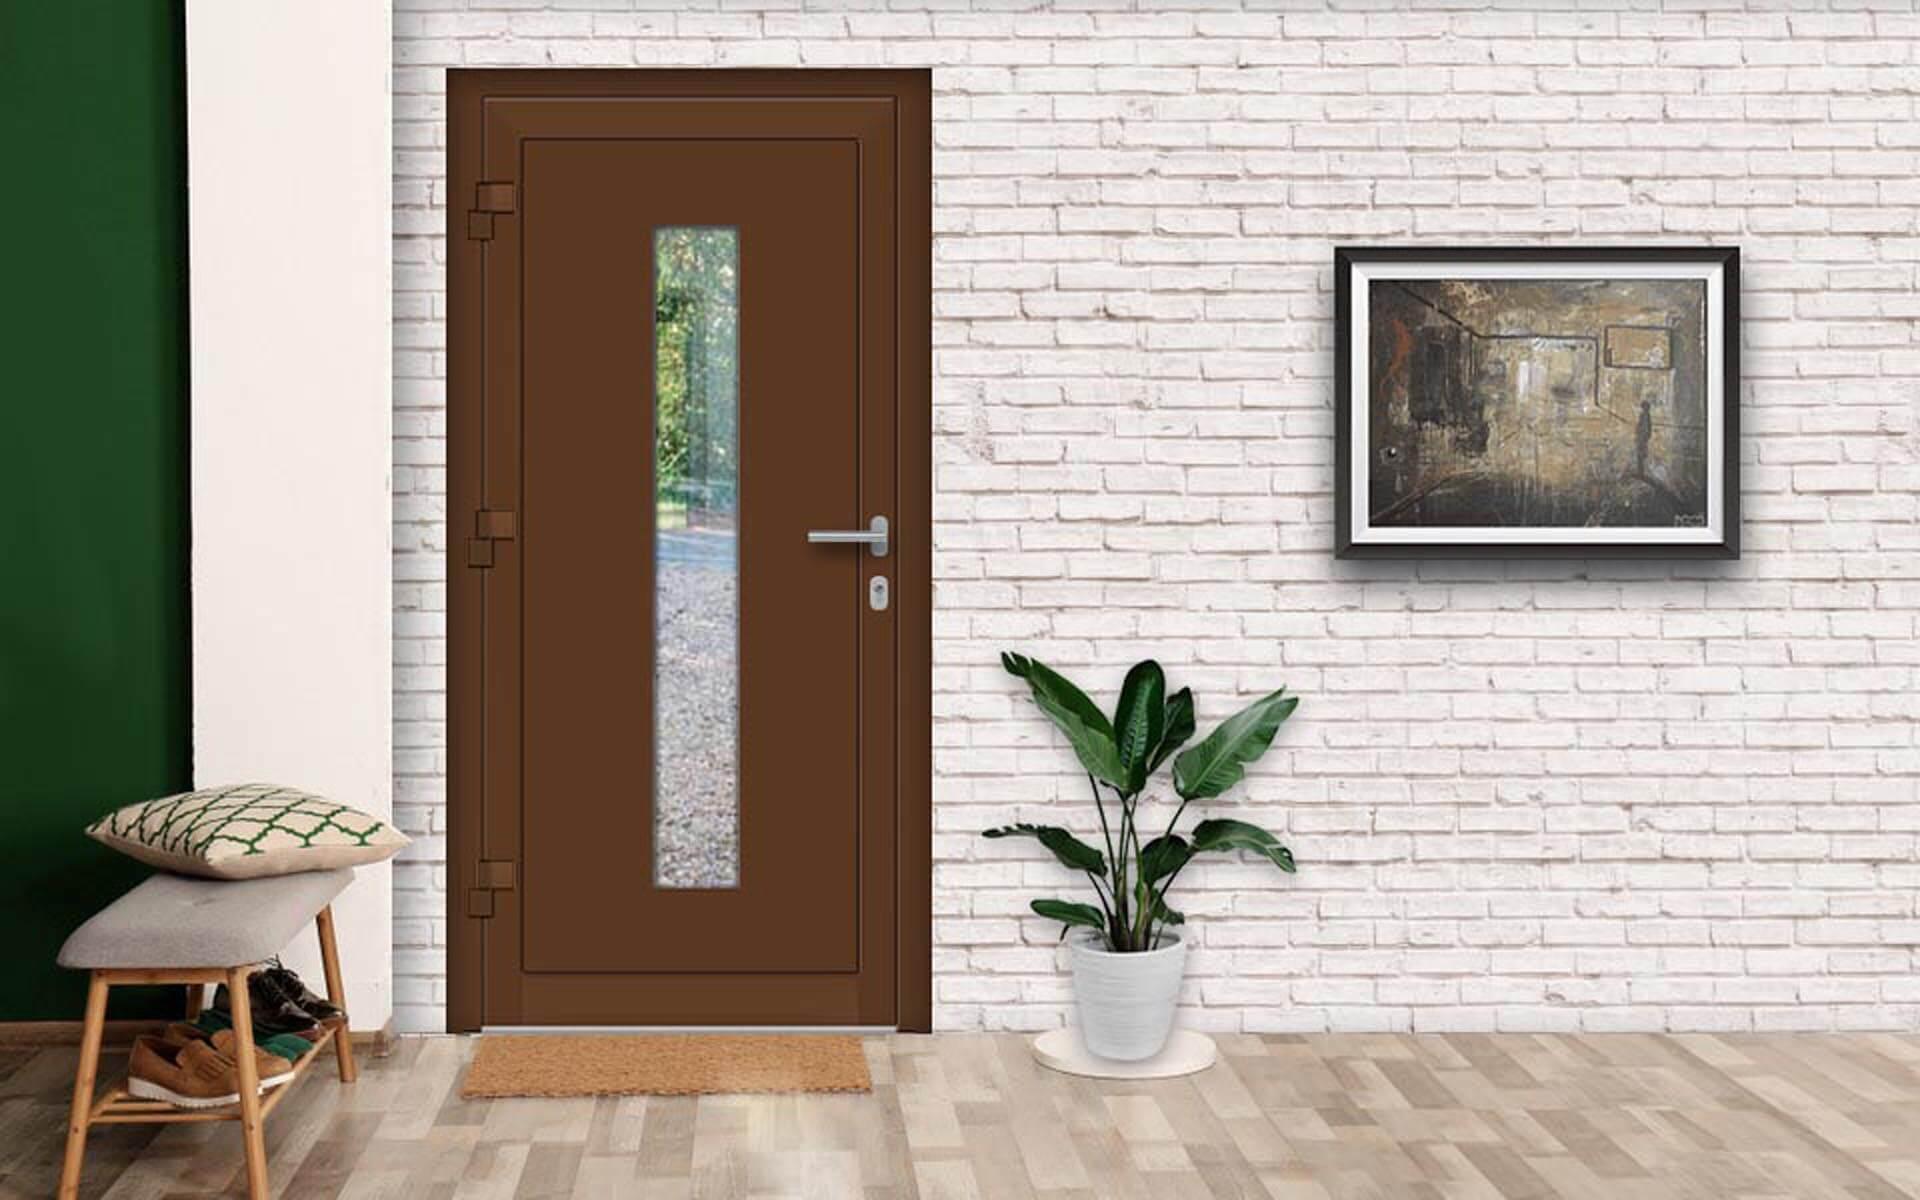 Ako zladiť dvere, okná a podlahu? Vchodové dvere AV-177 vo farbe RAL 8011 oriešková hnedá